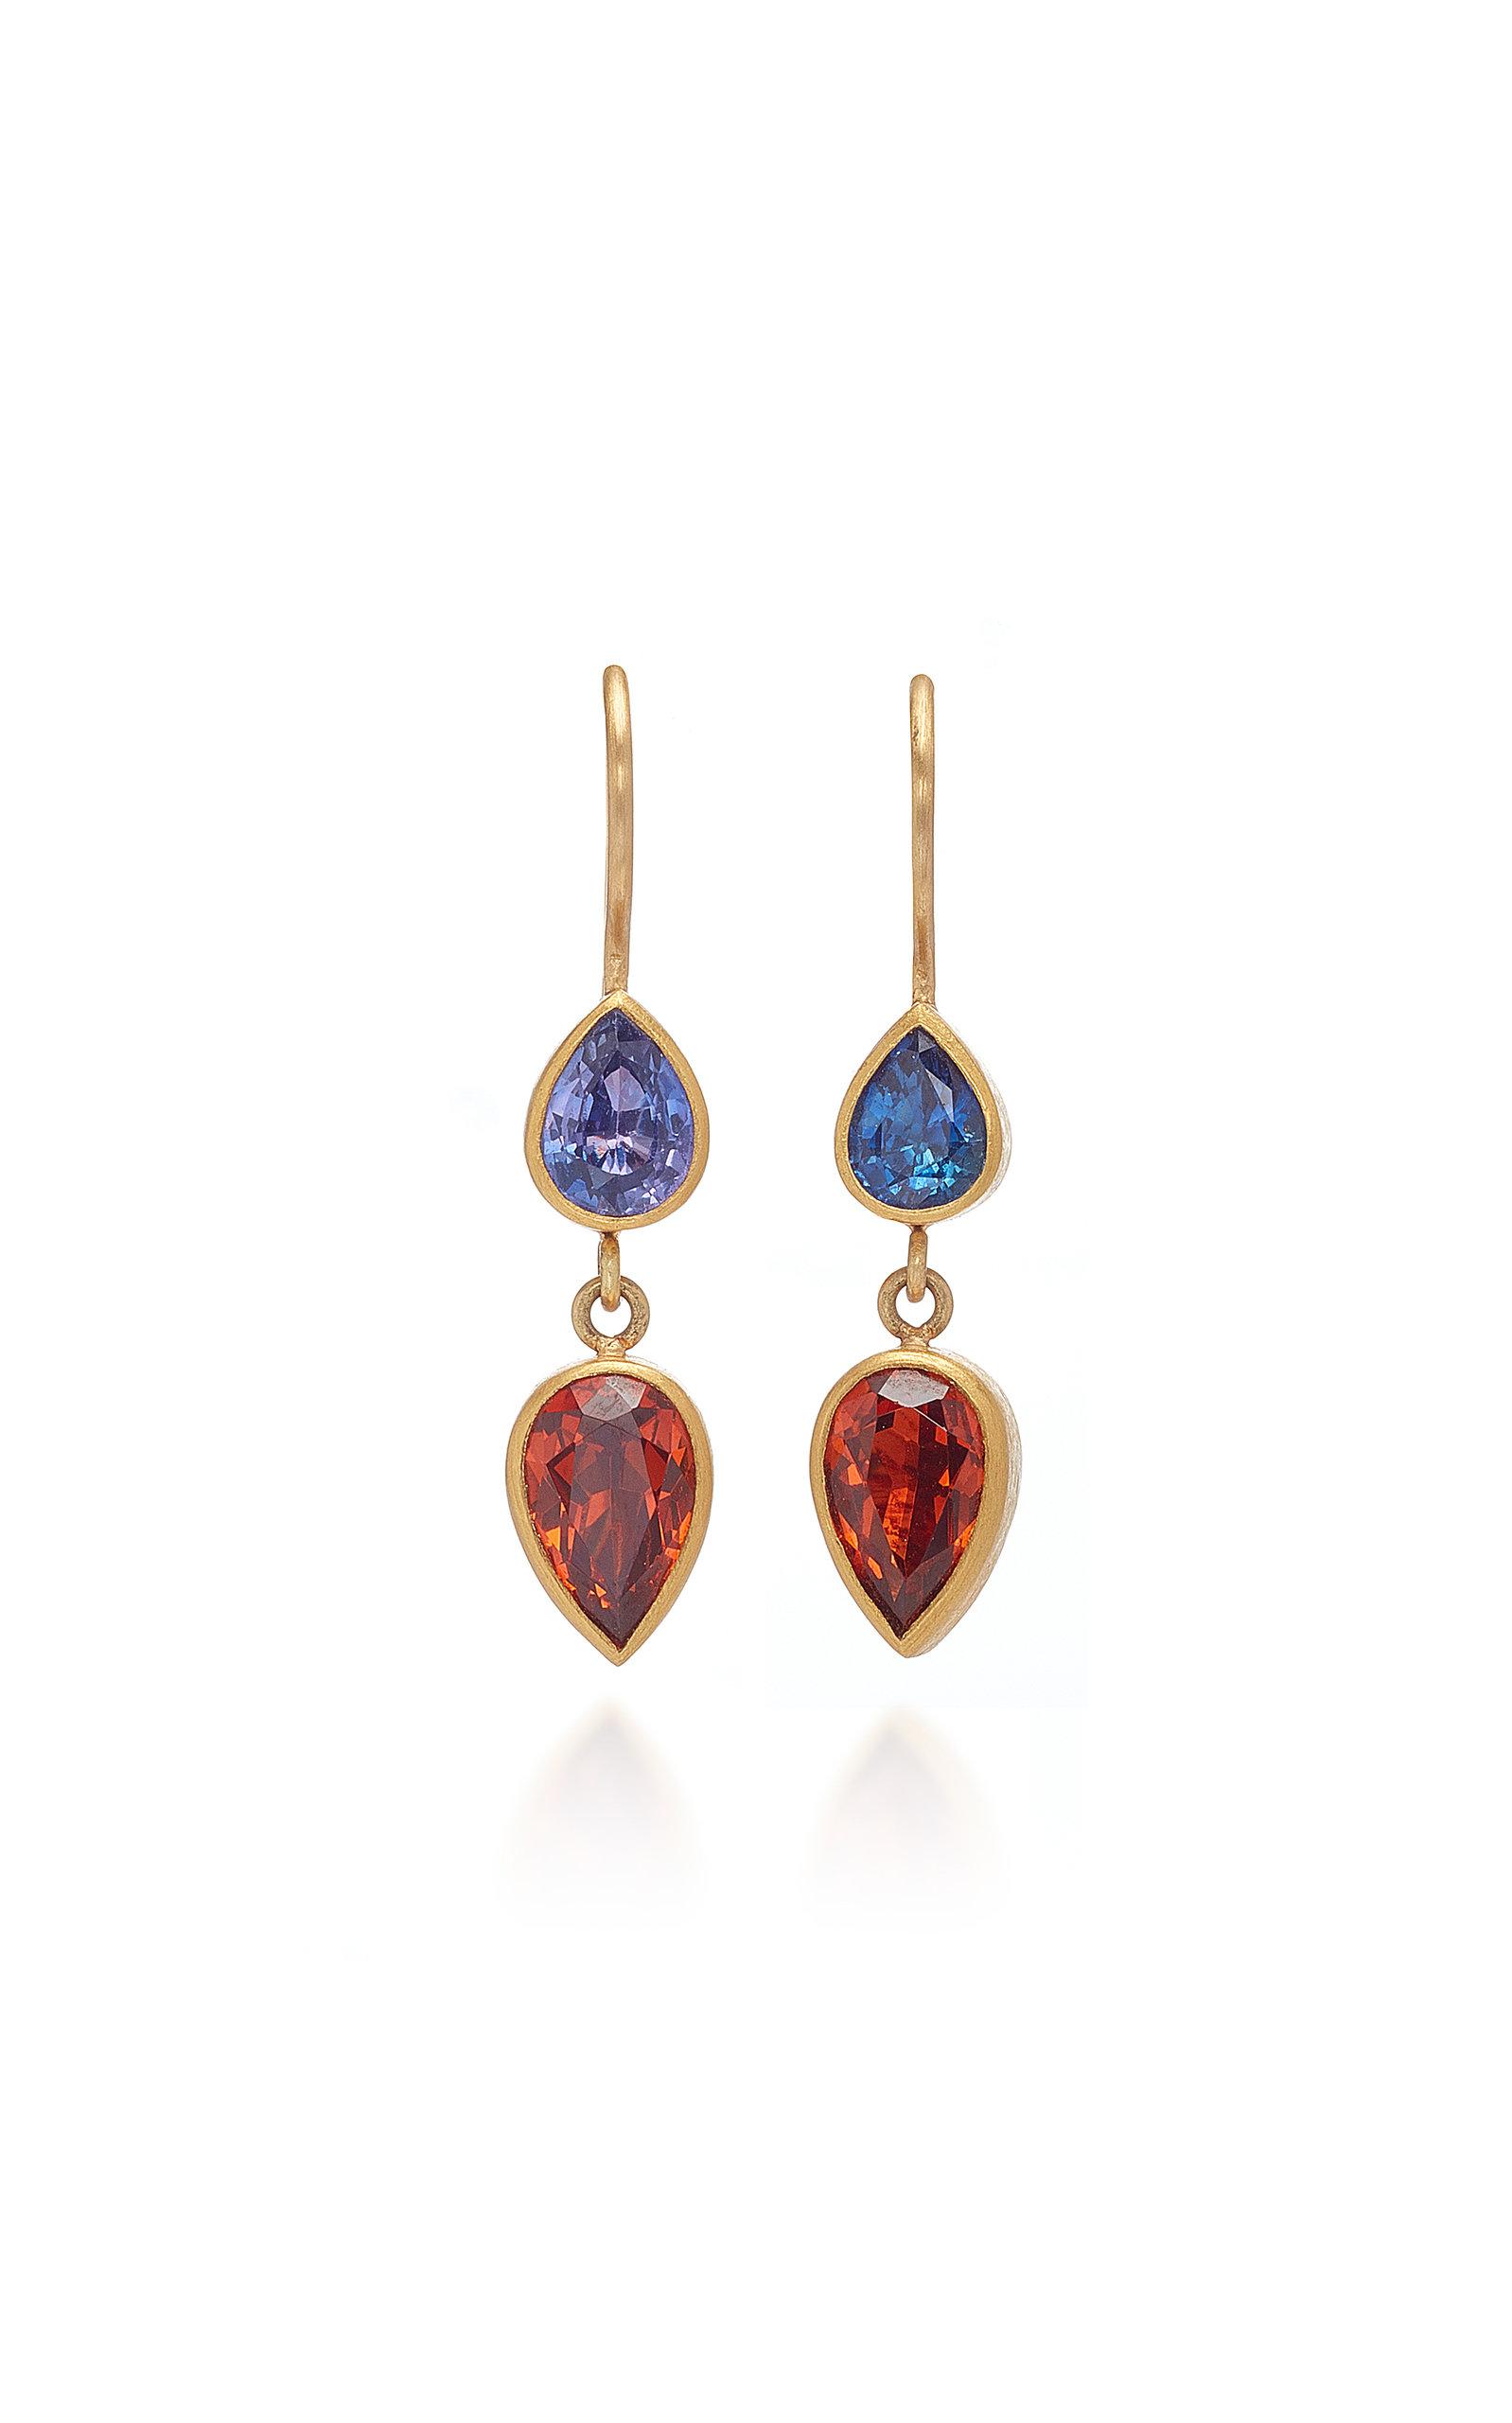 MALLARY MARKS Bon Bon 18K Gold Sapphire And Garnet Earrings in Multi